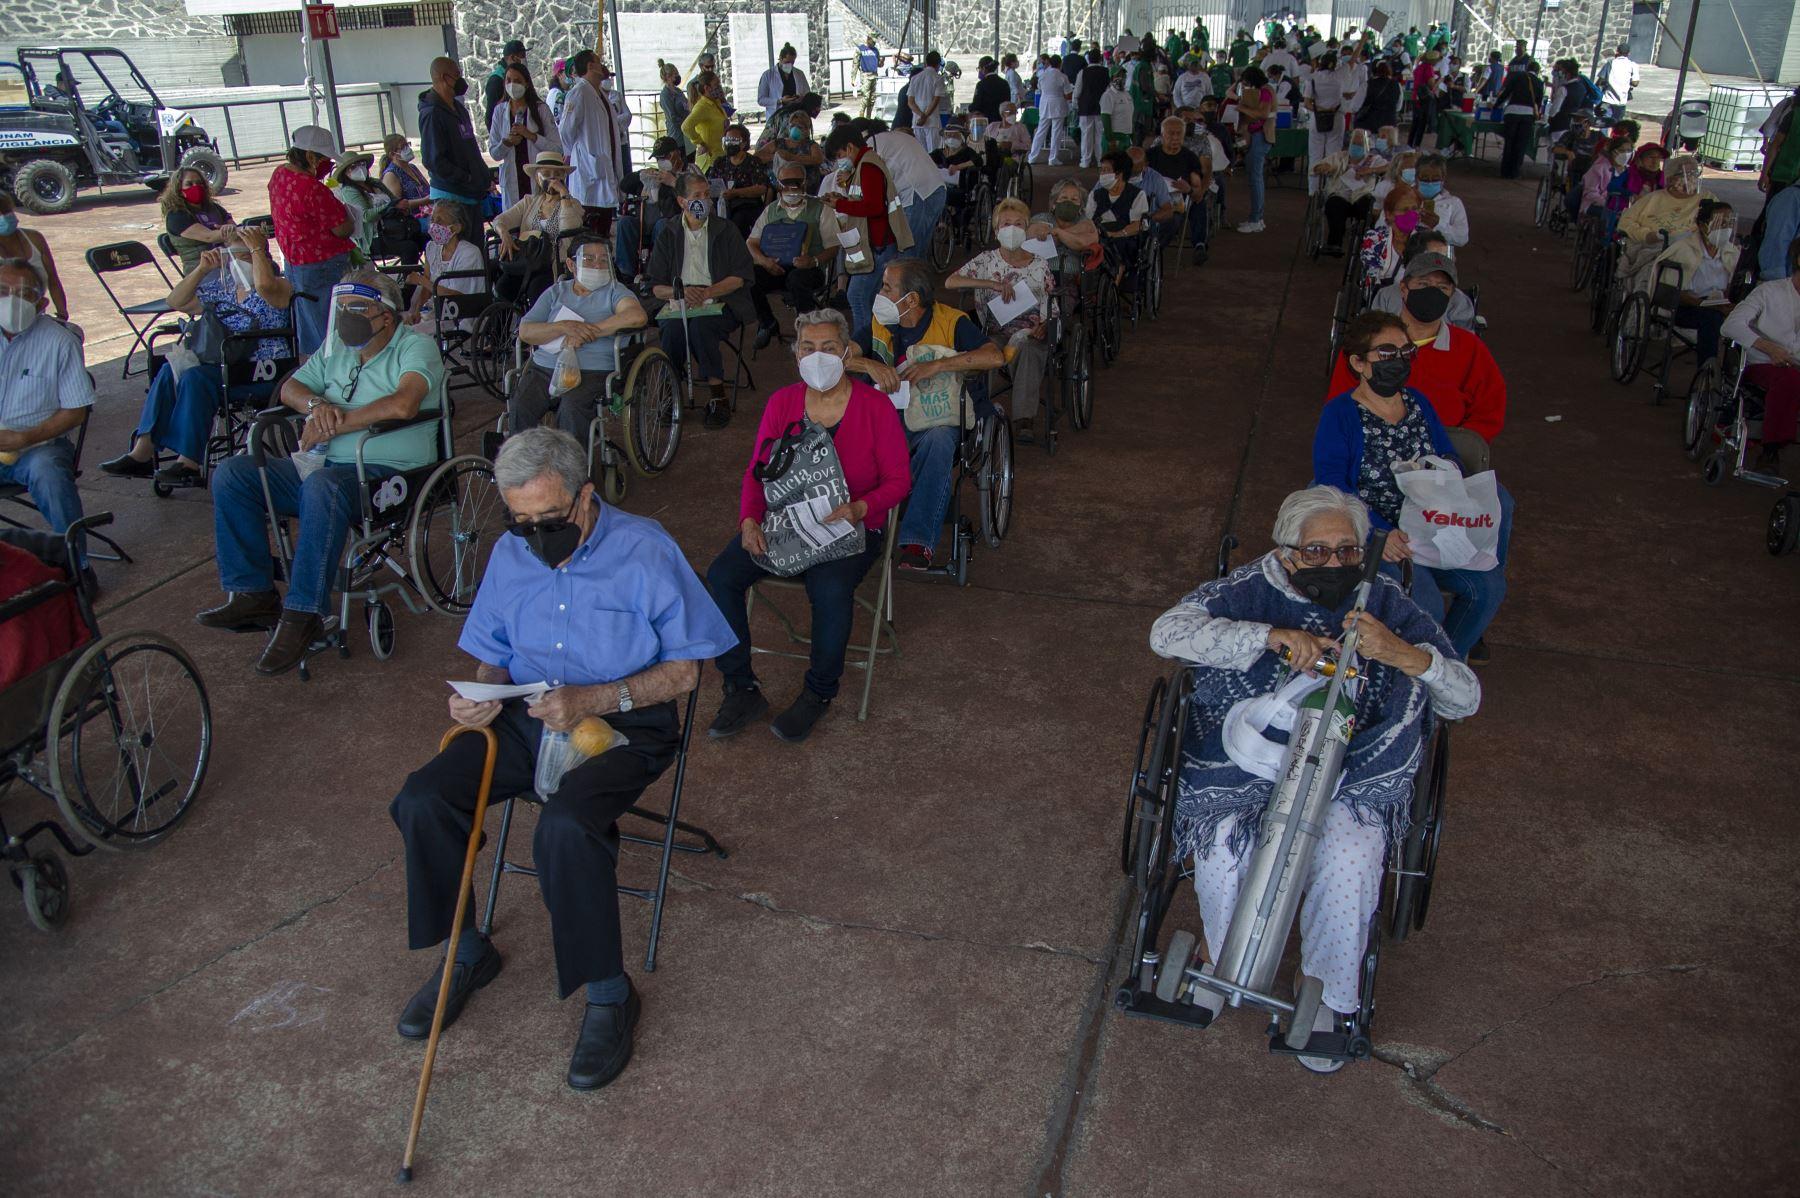 Ancianos descansan luego de recibir dosis de la vacuna AstraZeneca contra COVID-19 en un centro de vacunación instalado en el Estadio Olímpico Universitario de la colonia Coyoacán, en la Ciudad de México, el 30 de marzo de 2021. Foto: AFP